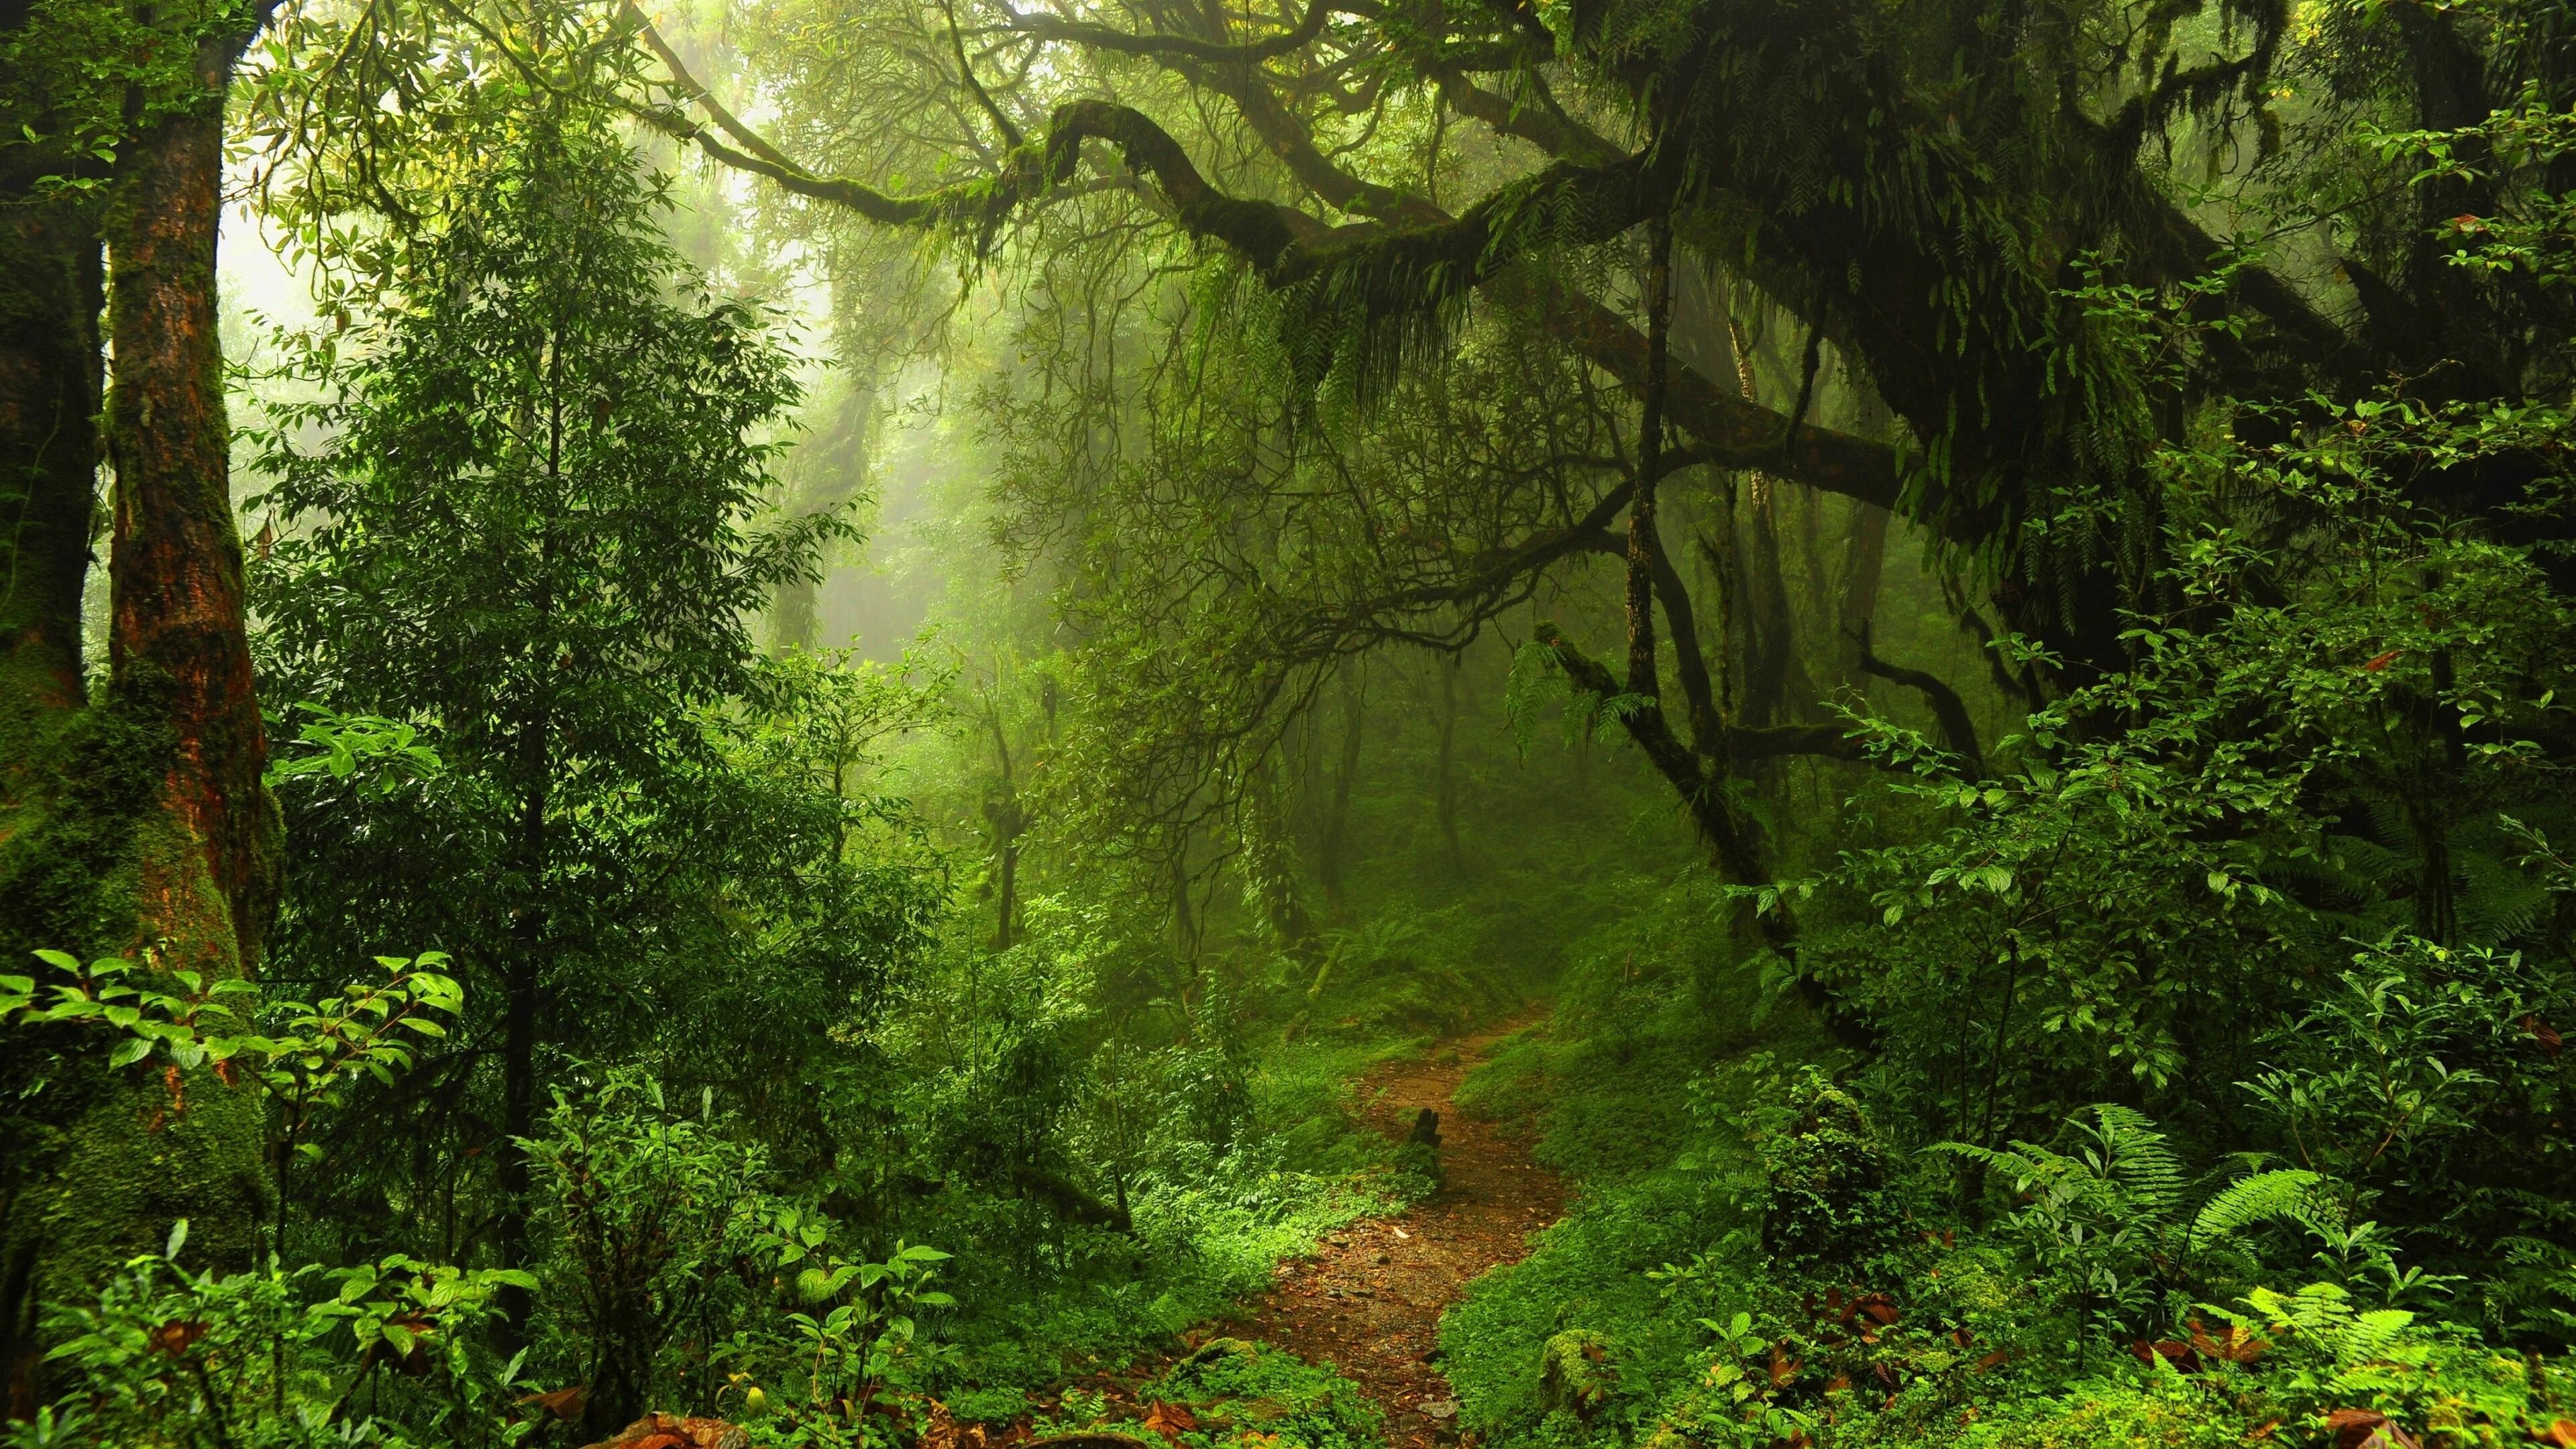 جنگلهای فنگ شویی بزرگترین امید چین برای حذف دیاکسیدکربن